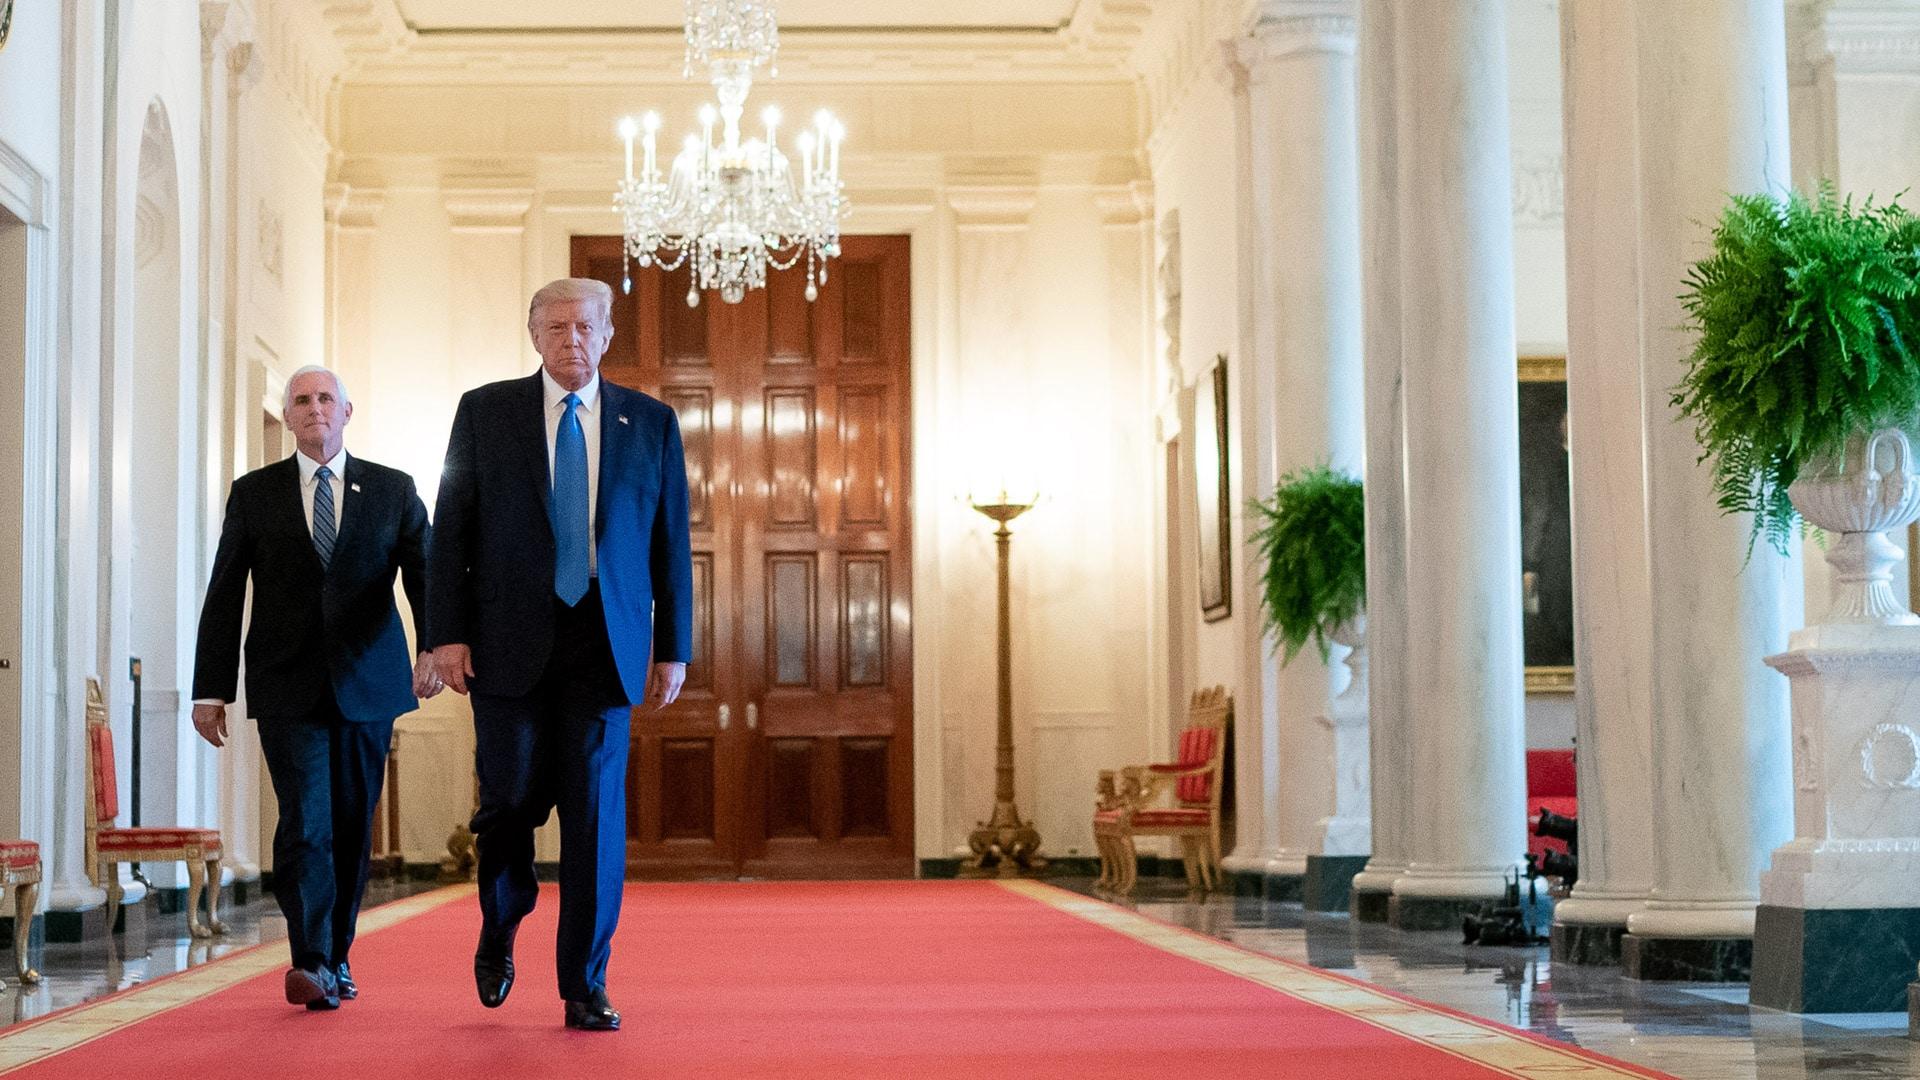 Lügen, Skandale, Amtsenthebungsverfahren: Mike Pence hielt trotzdem zu Trump (Juli 2020, Weißes Haus)